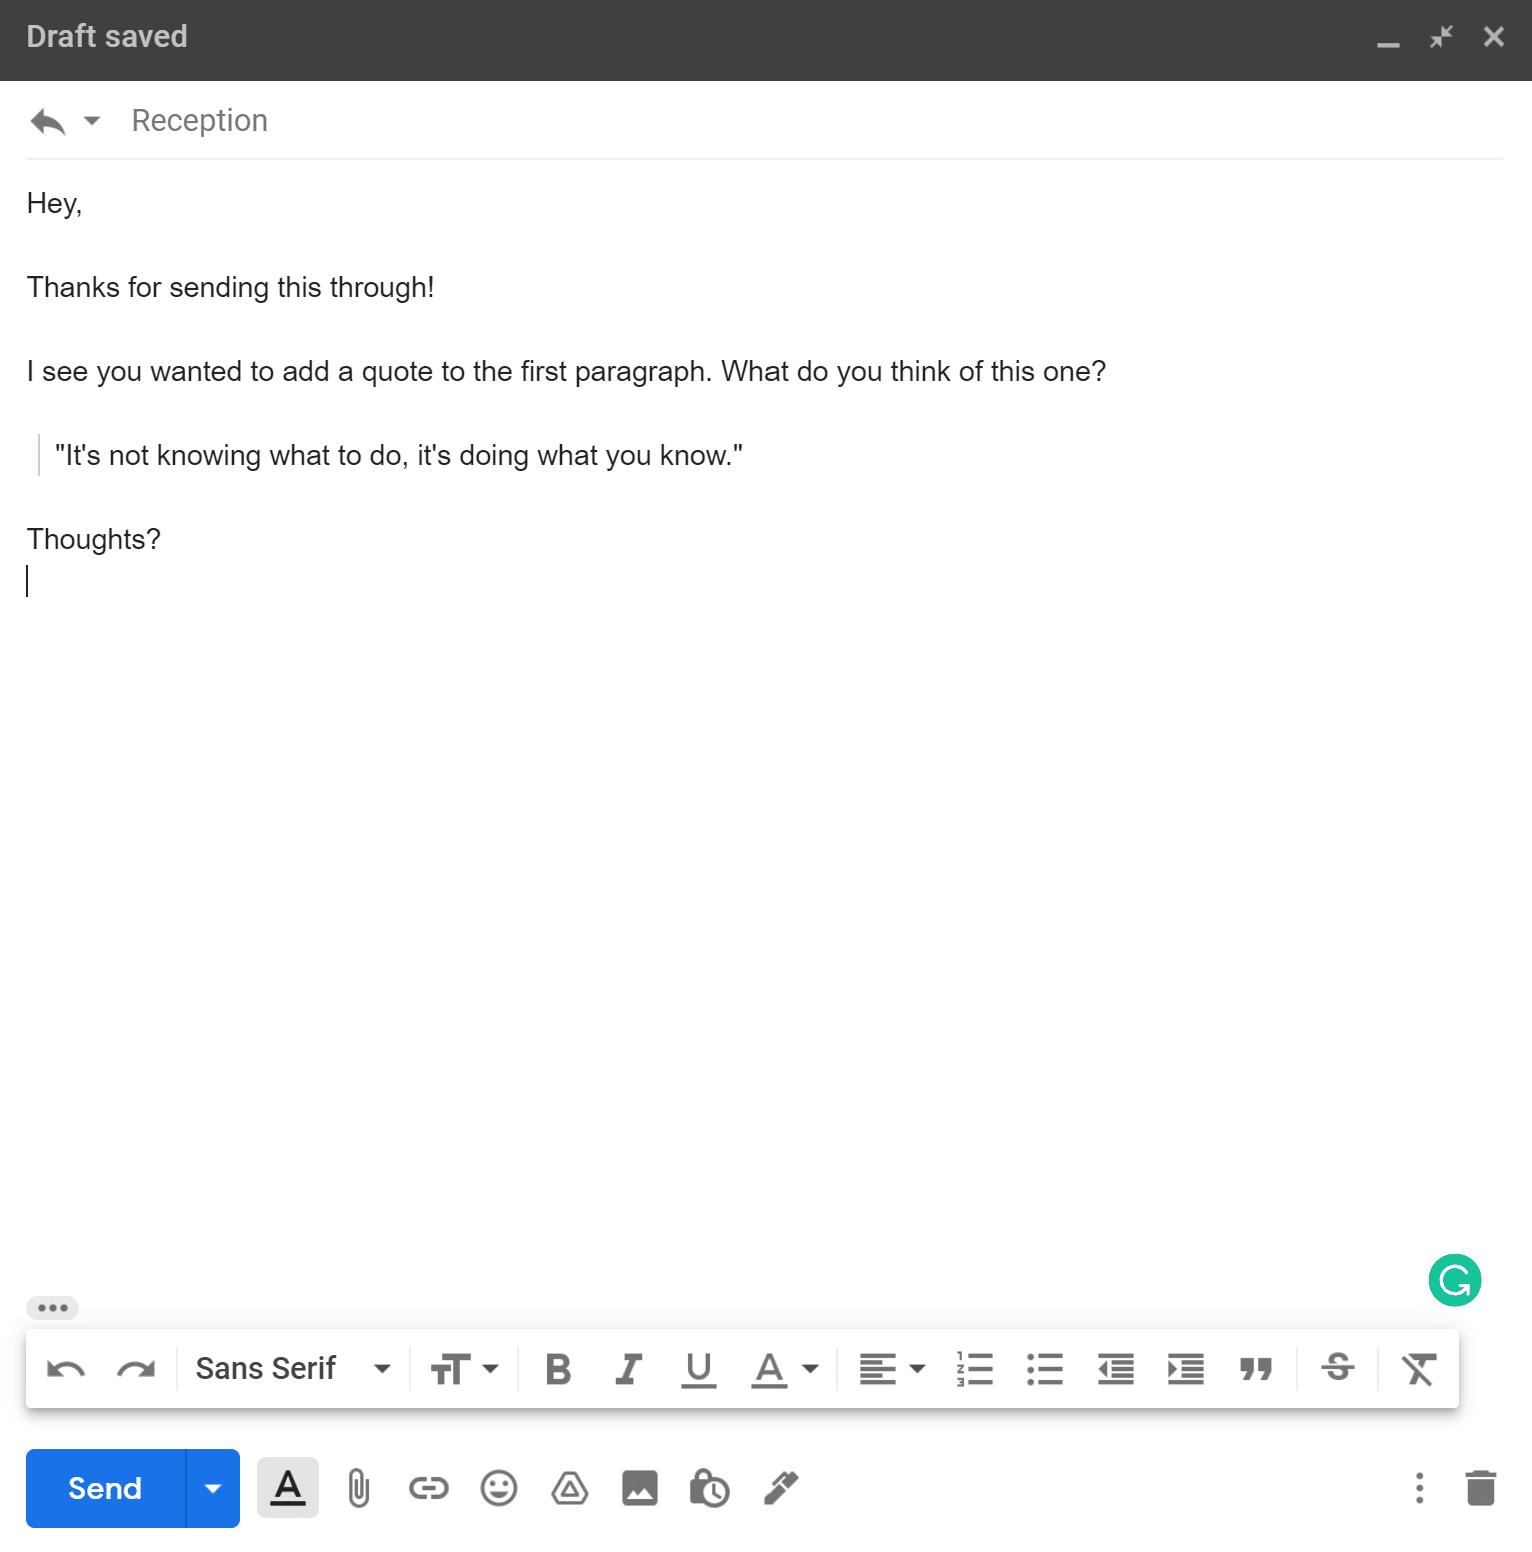 Un esempio di email che mostra la formattazione delle citazioni su un testo che dice